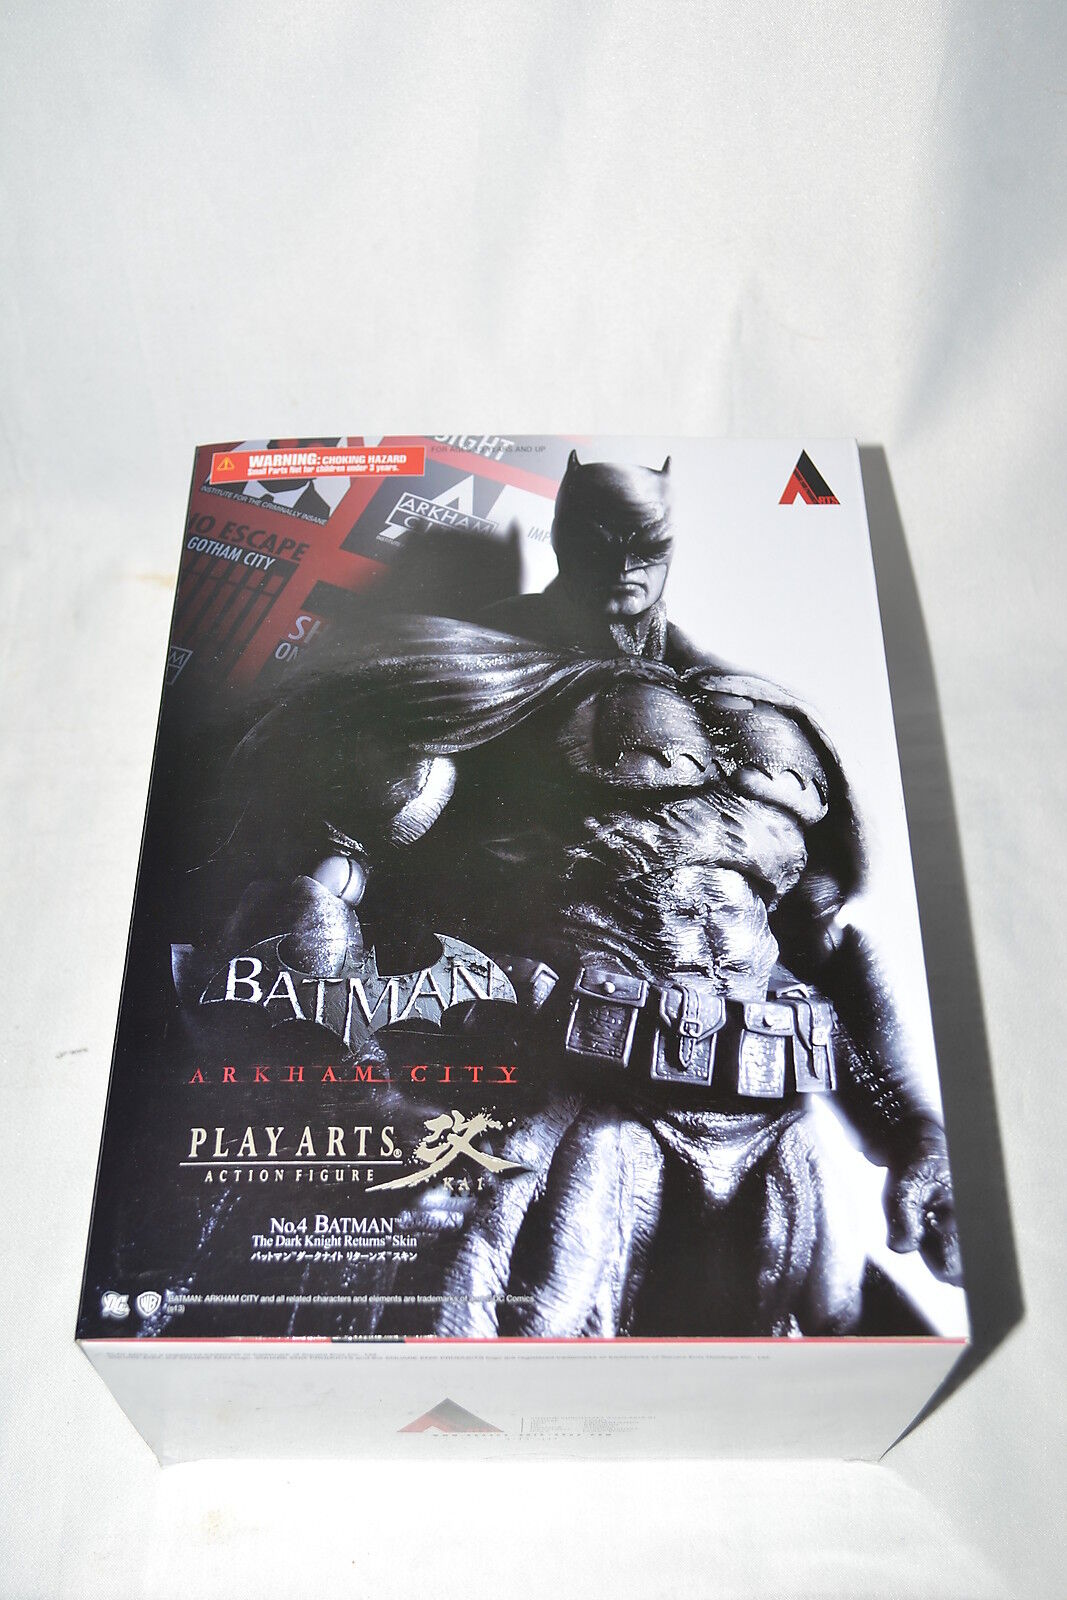 Square Enix Dc Jugar Arts Kai Batman Arkham City Dark Knight Return Batsuit Skin